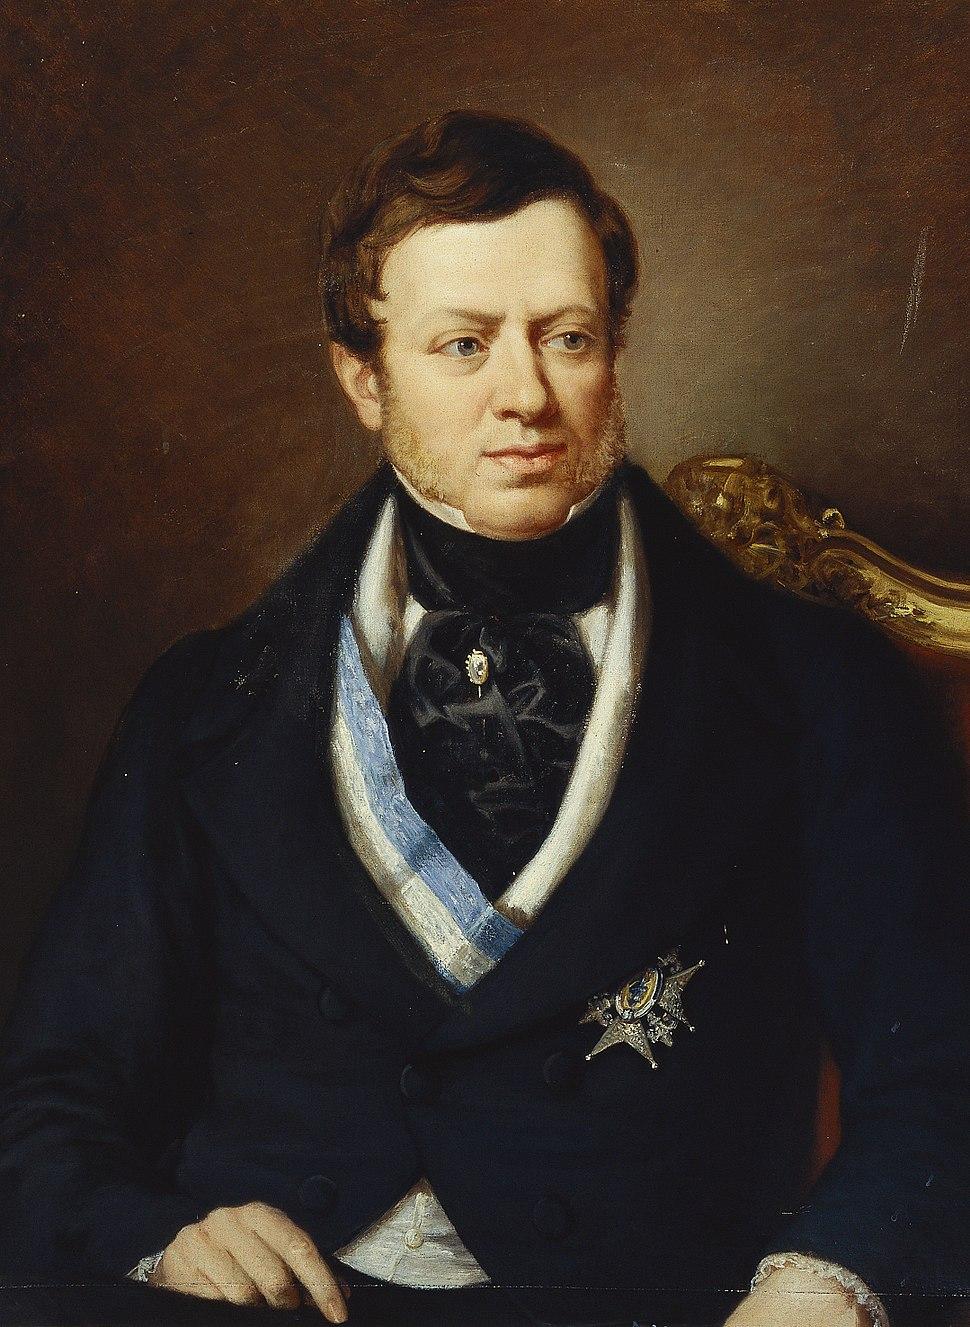 José María Queipo de Llano, conde de Toreno (Museo del Prado)